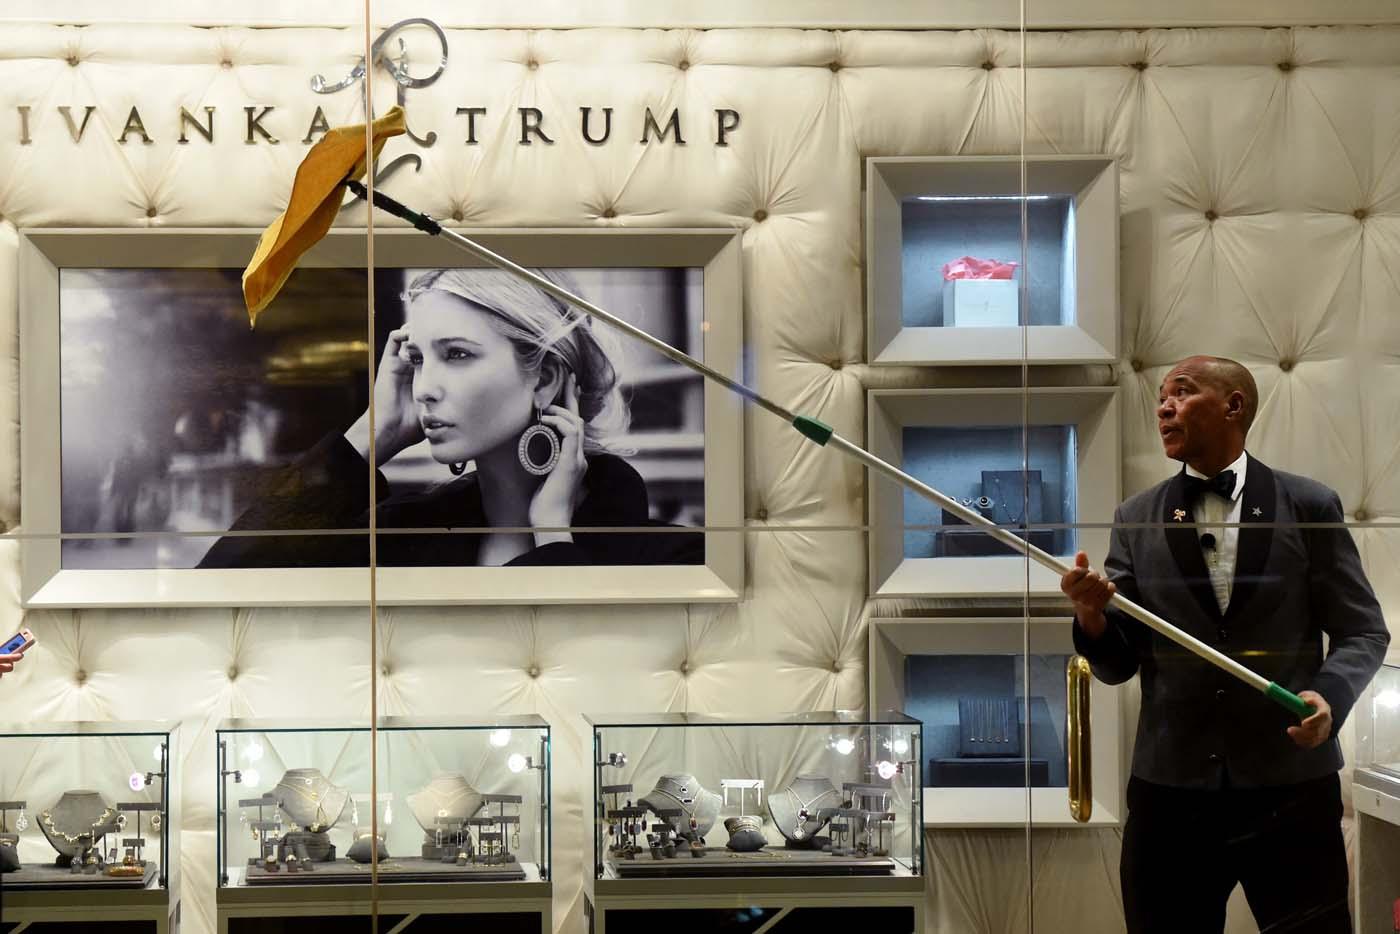 La línea de ropa de Ivanka Trump triplica sus ventas